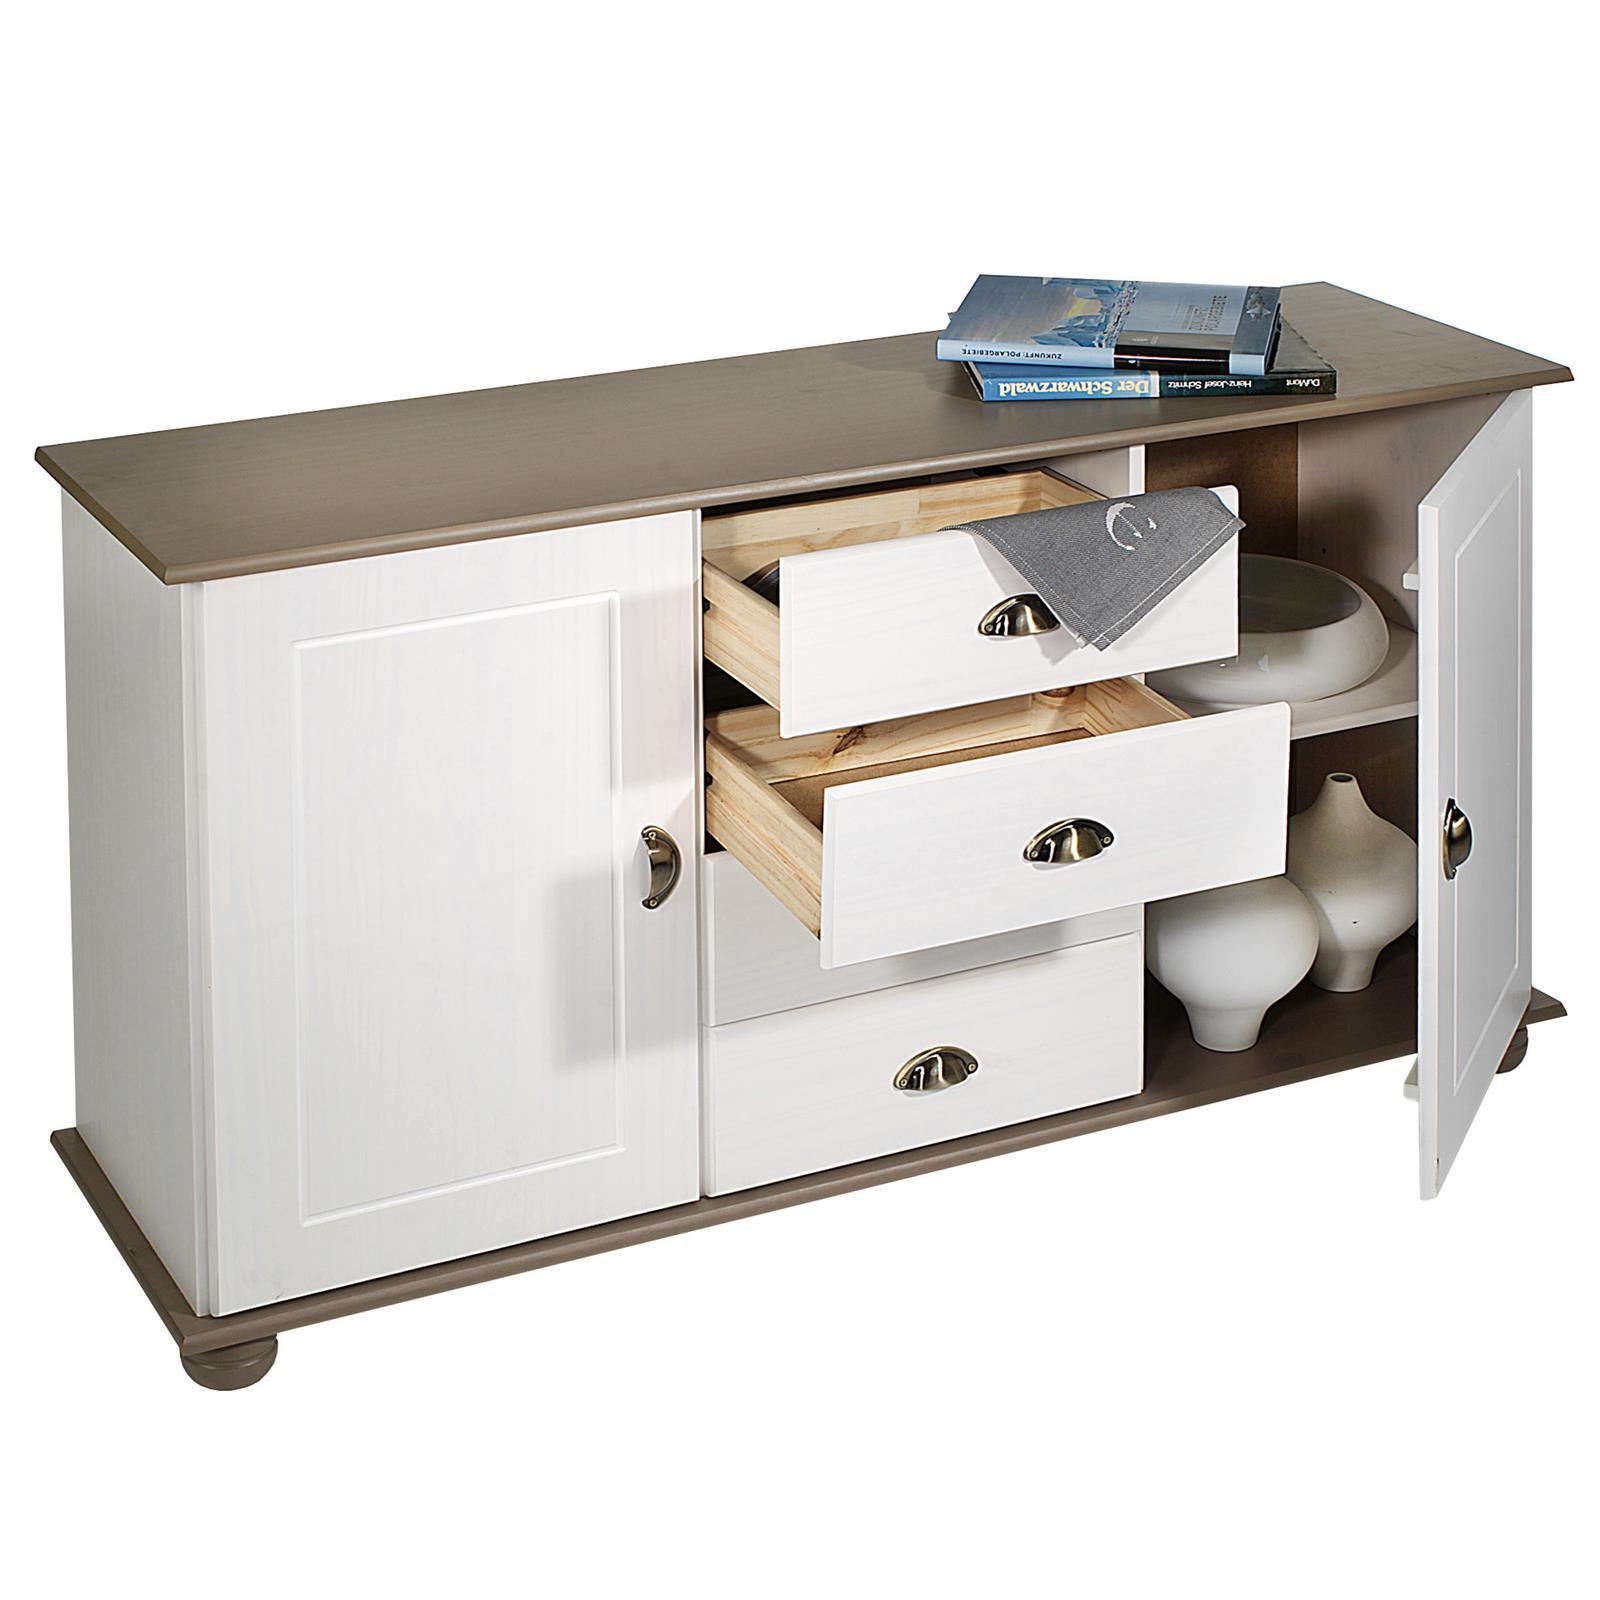 Wohnzimmer Sitzsack Chacos In Weiß Taupe: Apothekerkommode 2 Türen Und 4 Schubladen Weiß/taupe